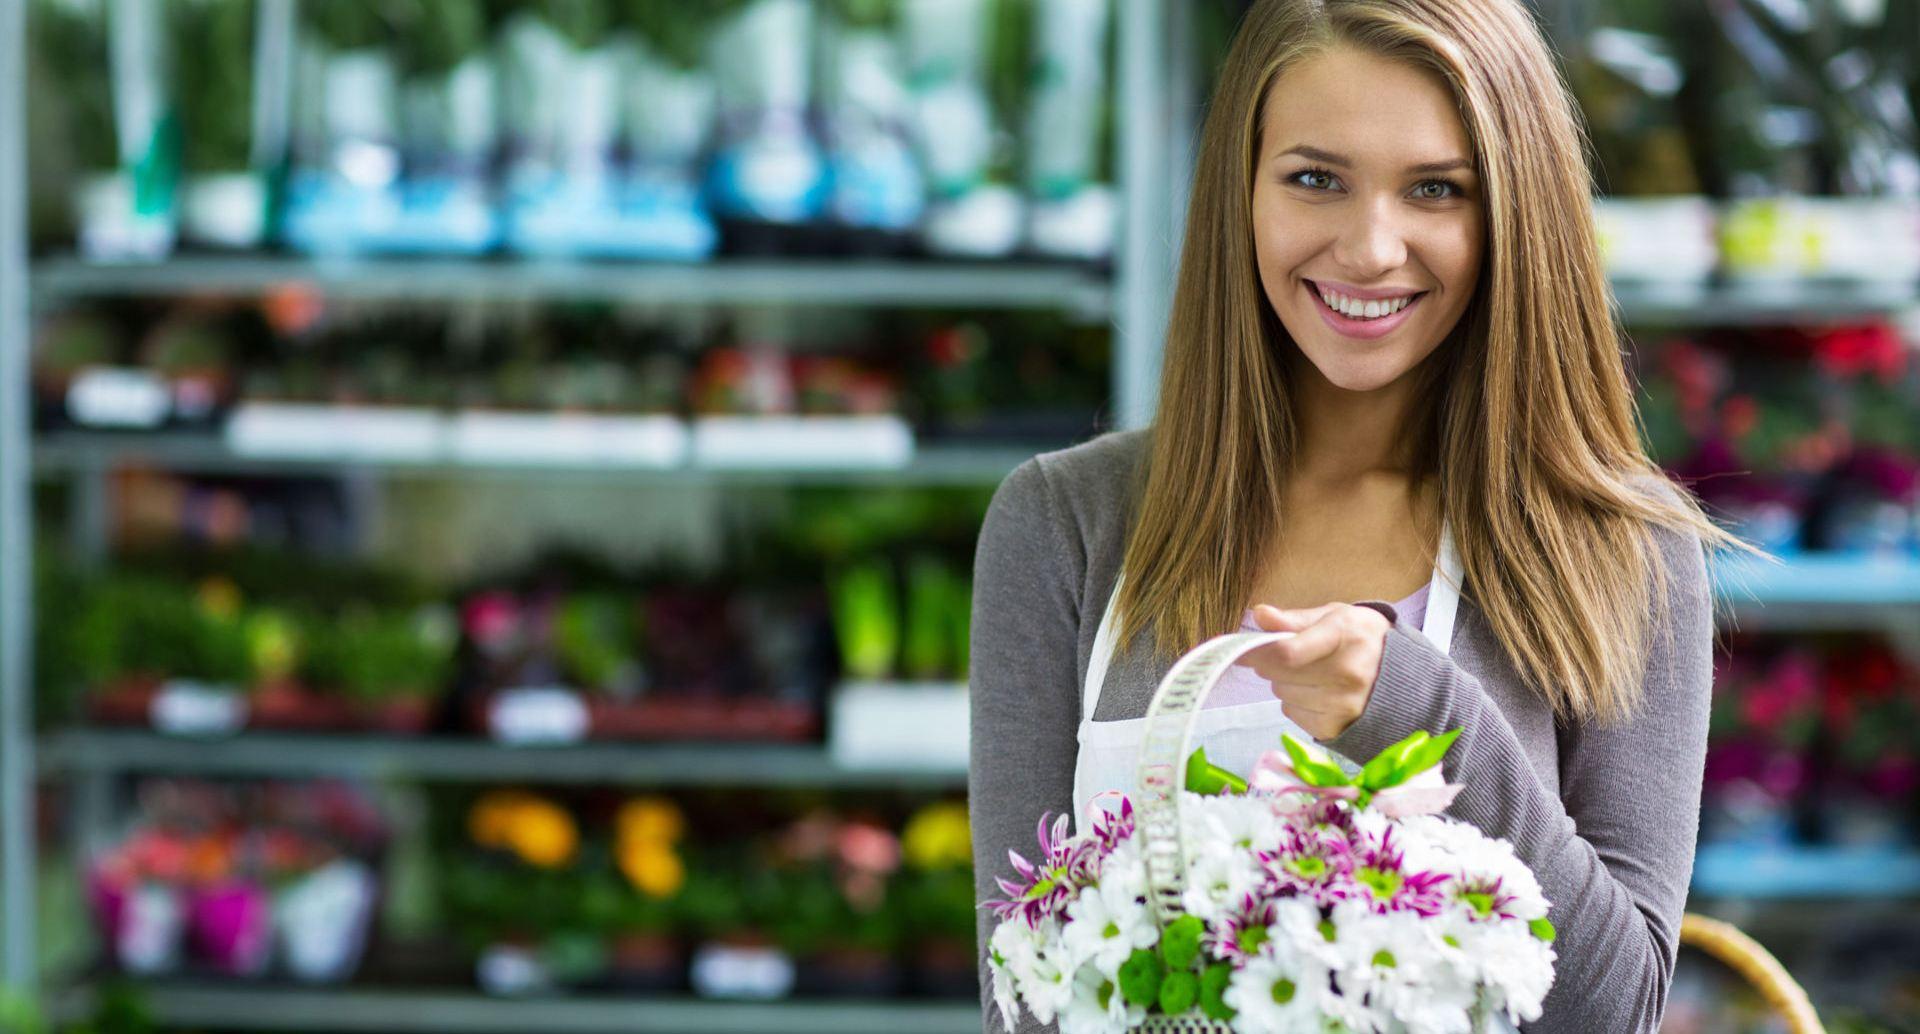 Tutte le offerte floreali